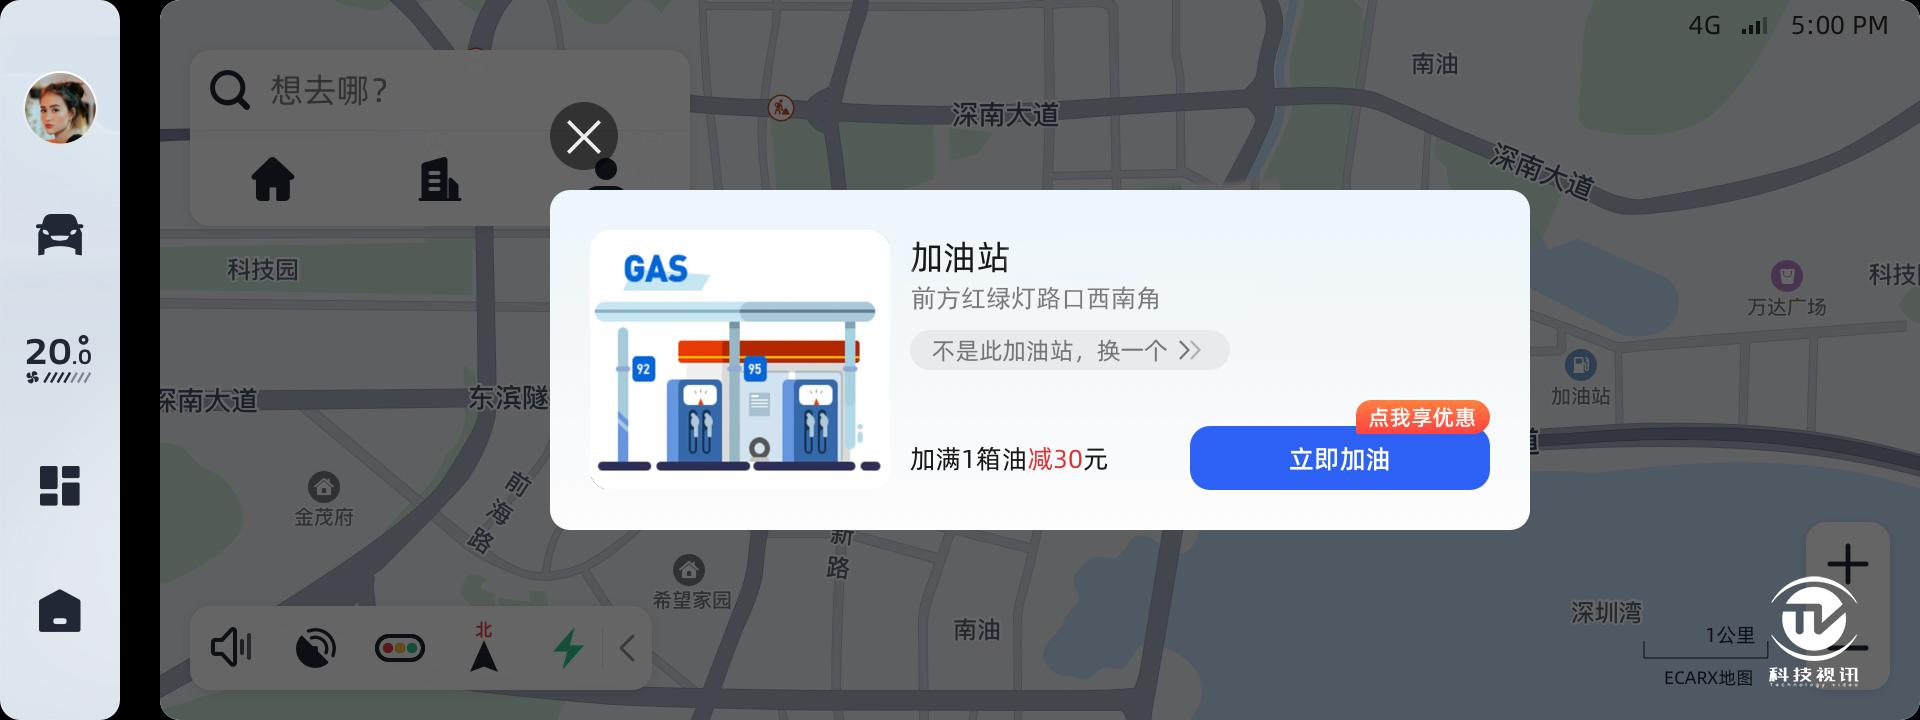 03_新增智能加油服务,可在指定加油站实现加油不下车的体验.jpg